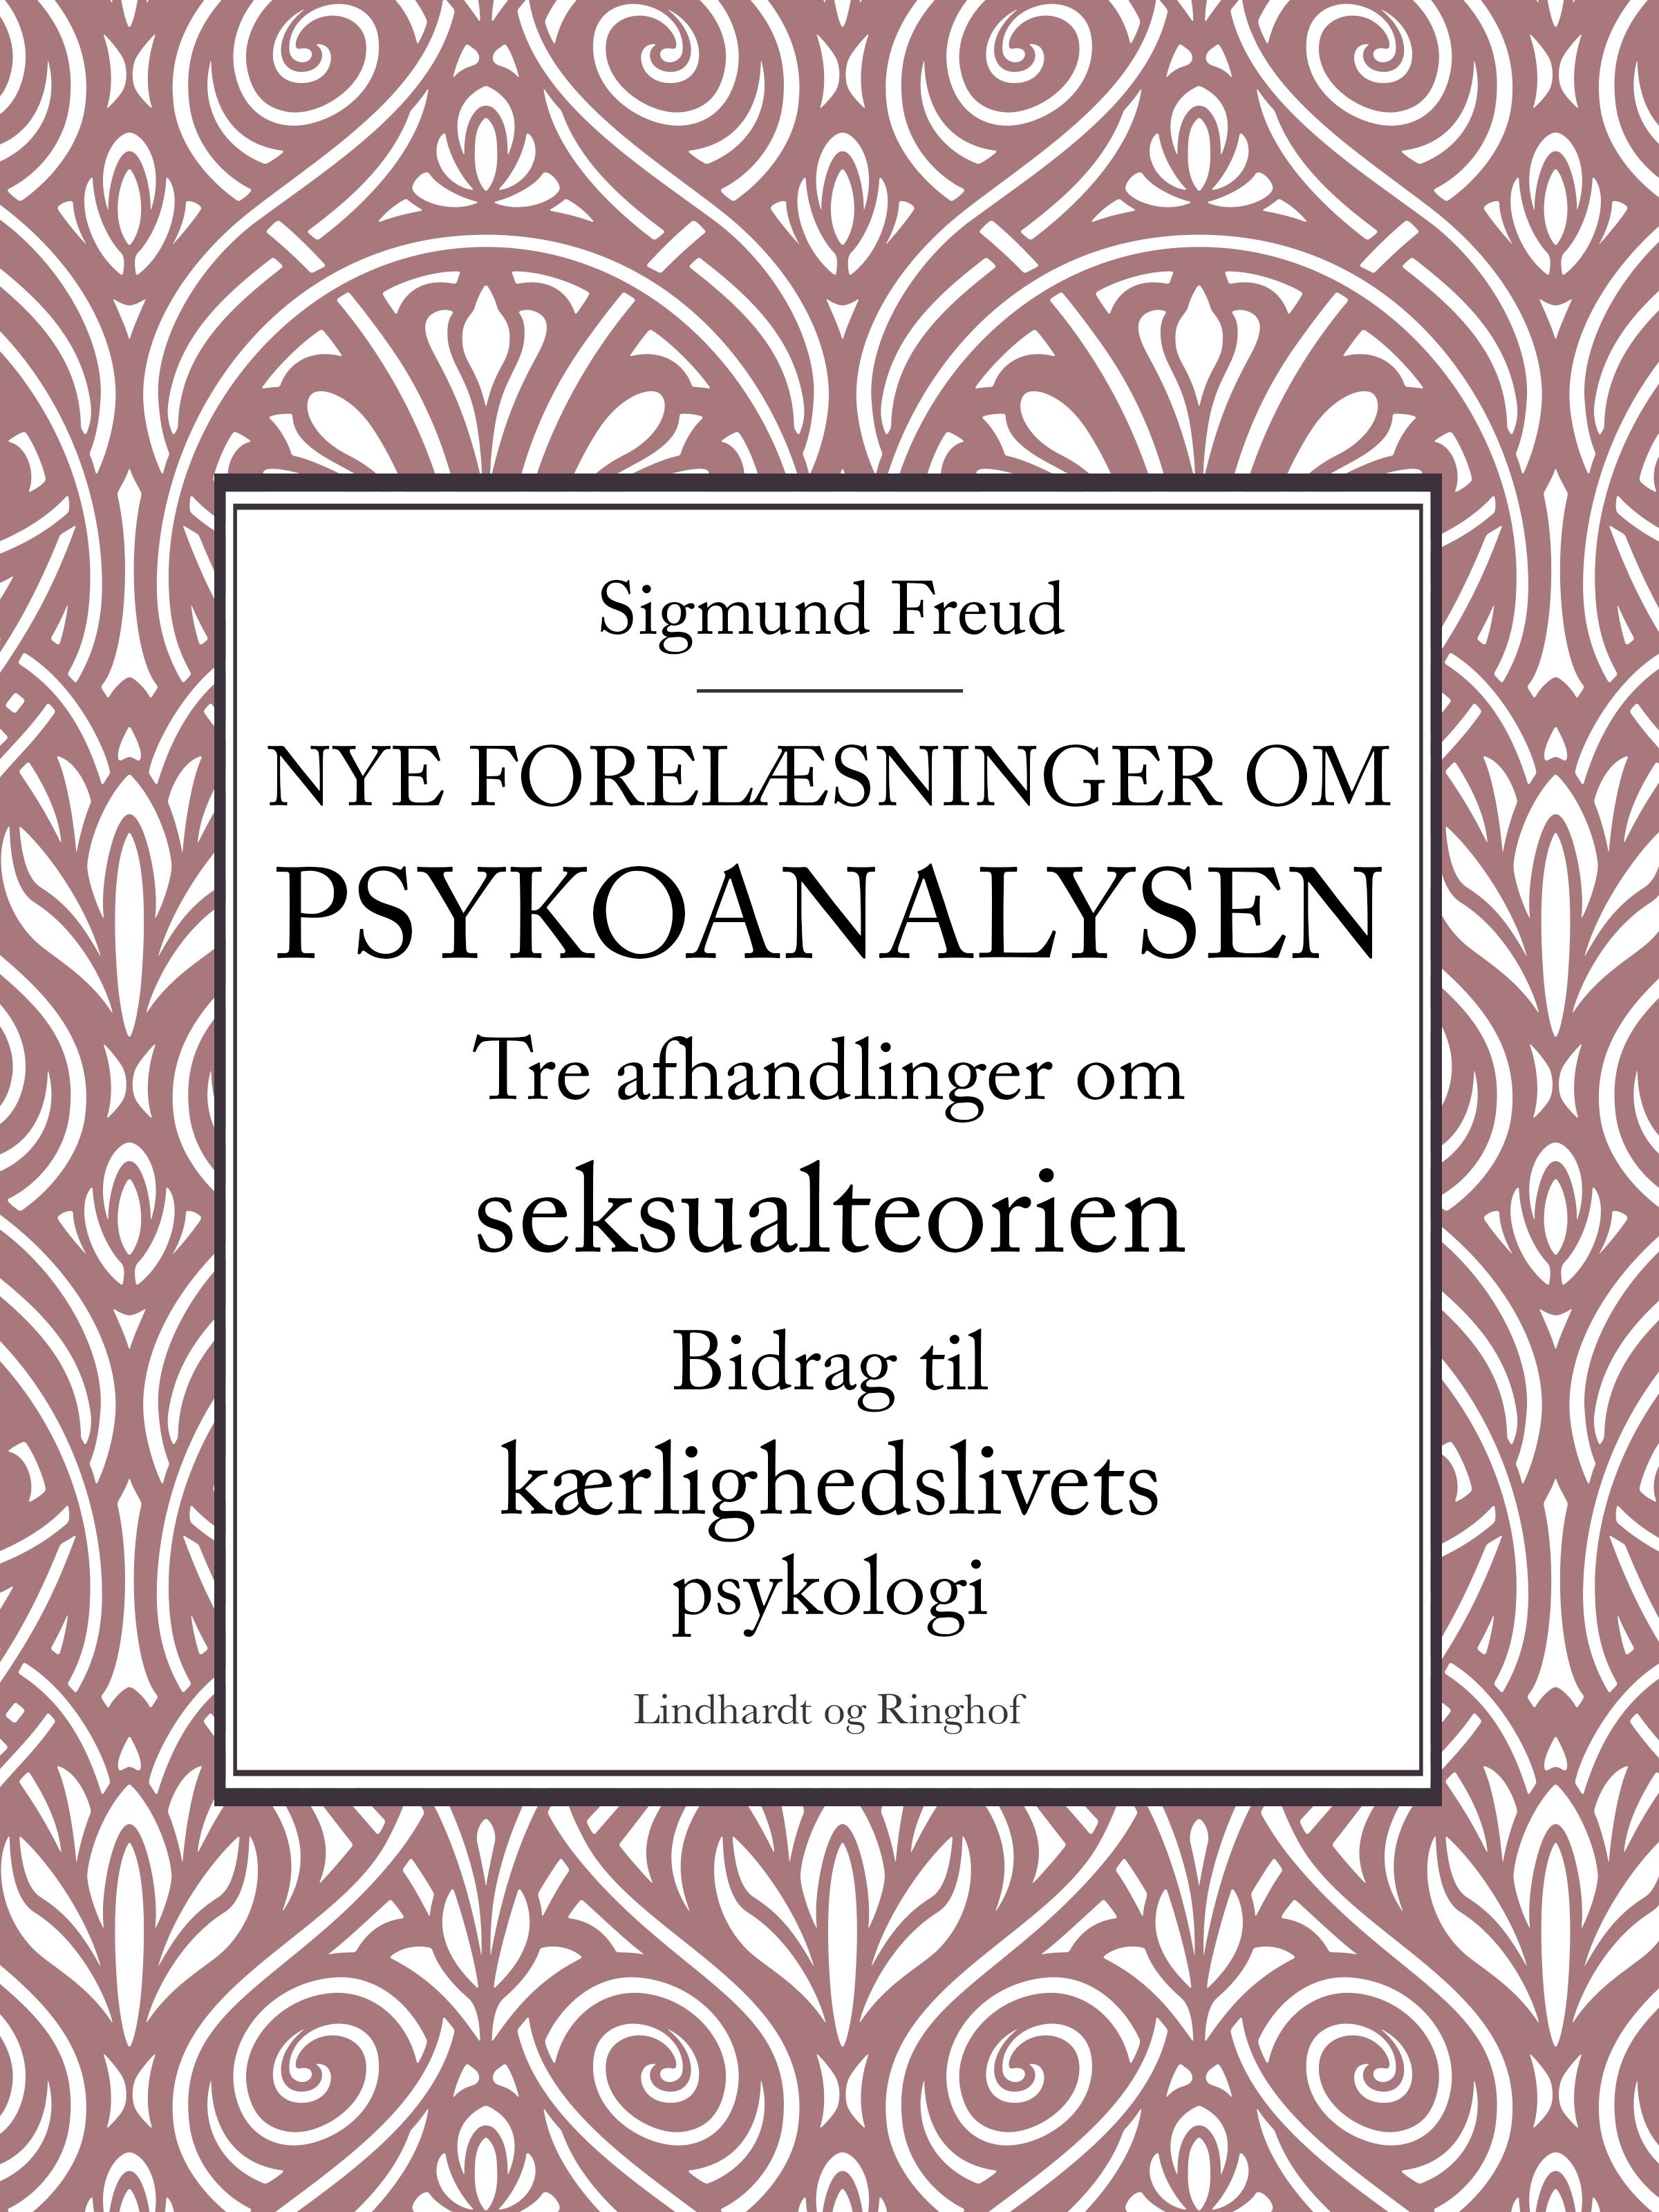 N/A Nye forelæsninger om psykoanalysen. tre afhandlinger om seksualteorien. bidrag til kærlighedslivets psykologi - e-bog fra bog & mystik